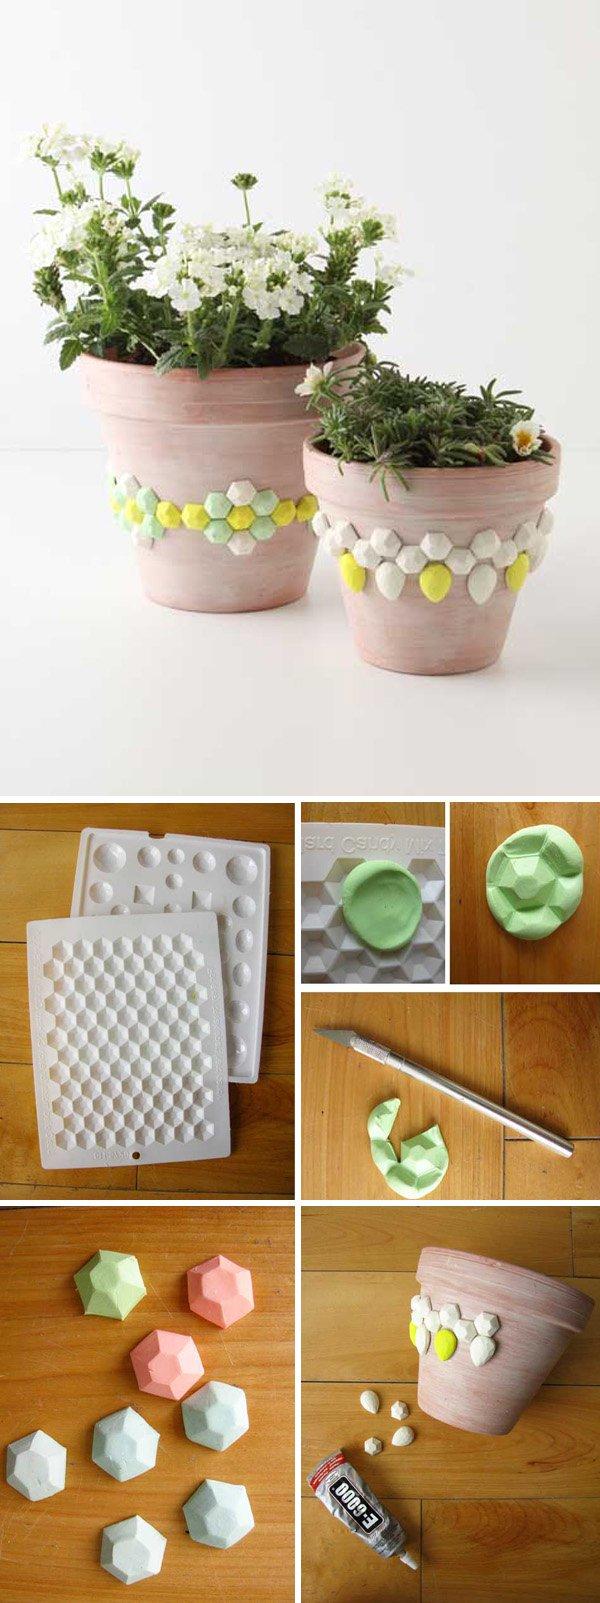 diy-project-faceted-gem-flower-pots.jpg